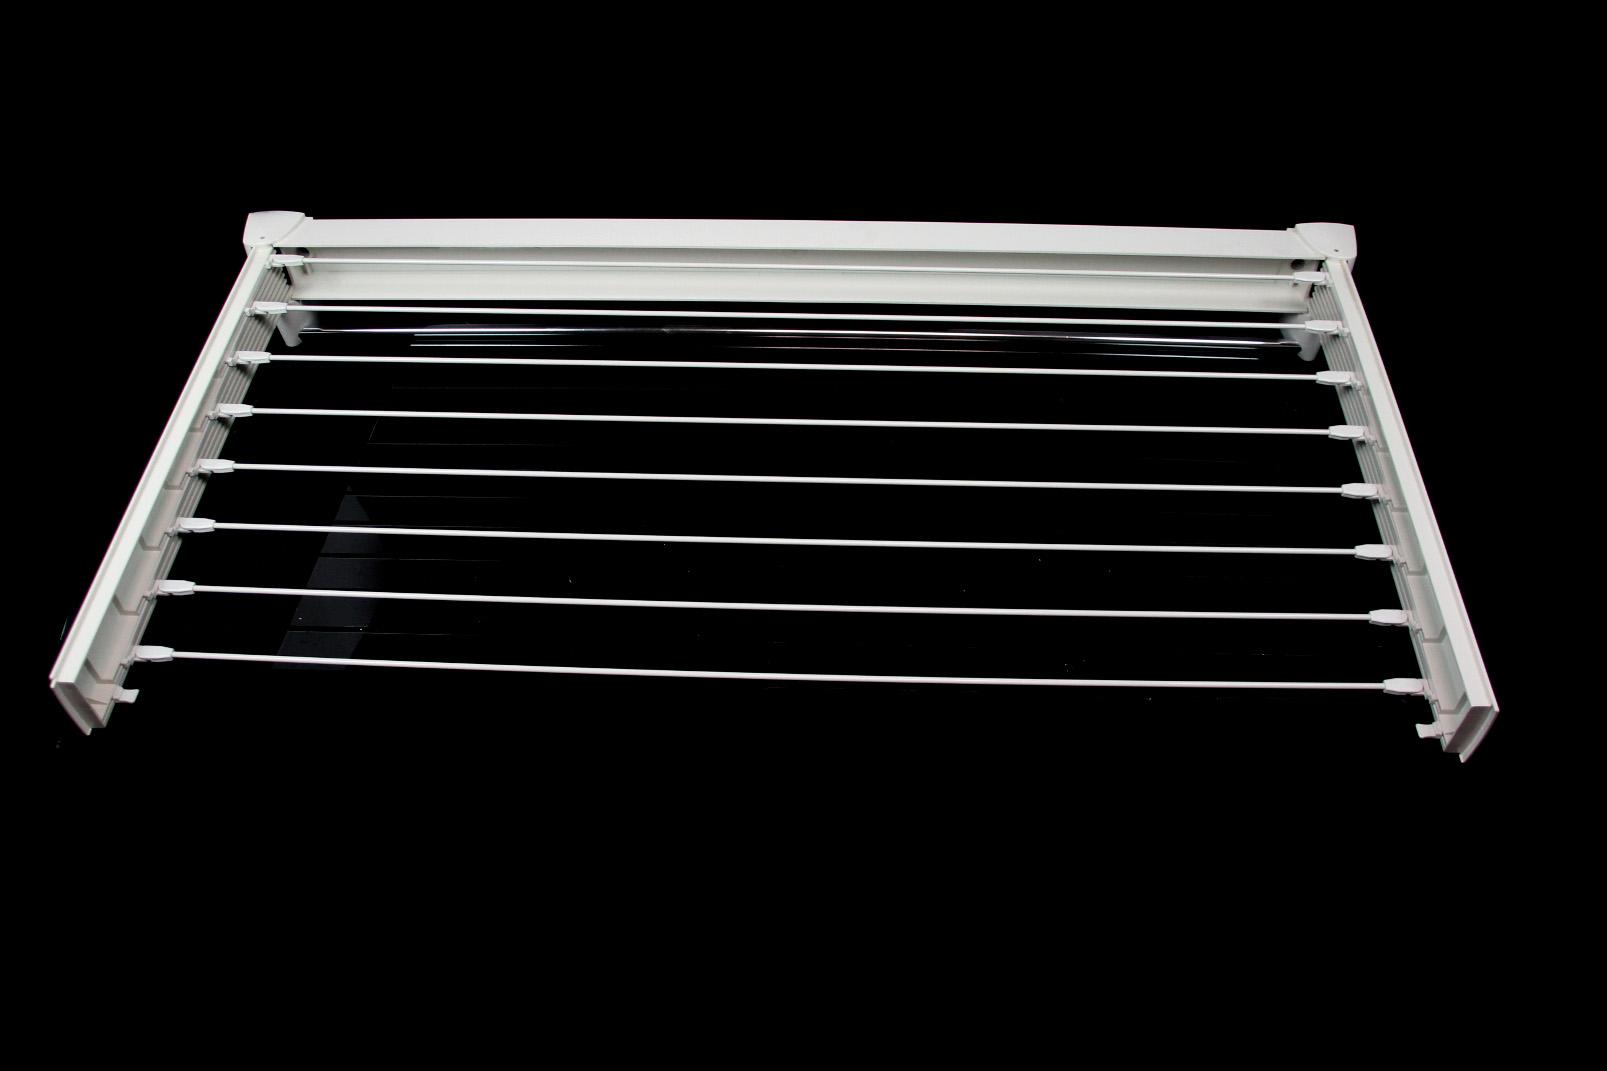 leifheit w schetrockner 102x54 cm wei 8 streben wand w sche trockner halter ebay. Black Bedroom Furniture Sets. Home Design Ideas